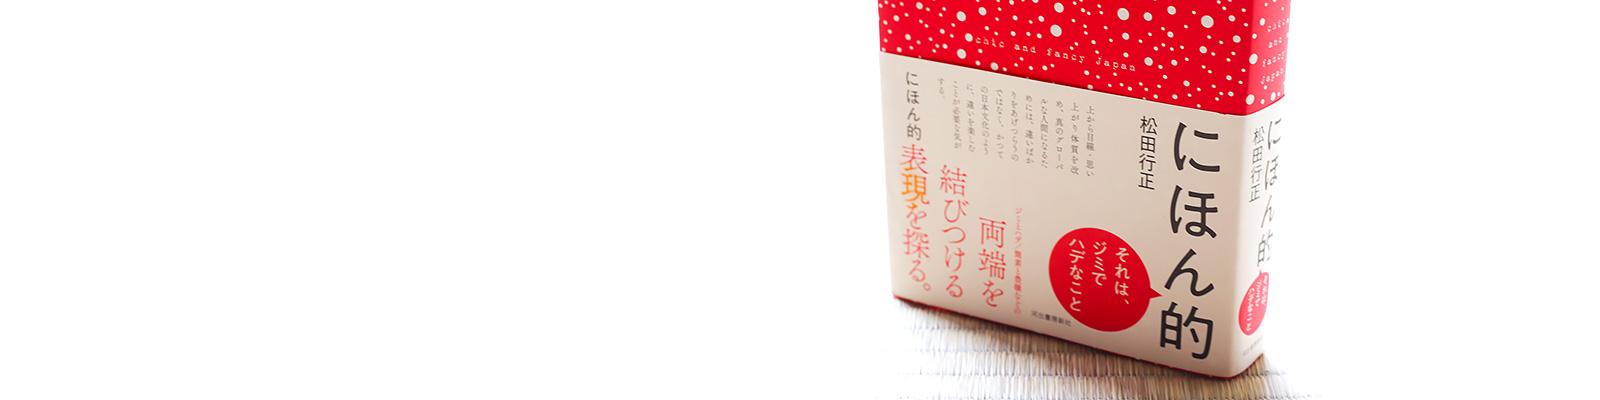 """【オンライン読書会】松田行正『コロナ禍は""""にほん的""""で切りぬけろ』"""